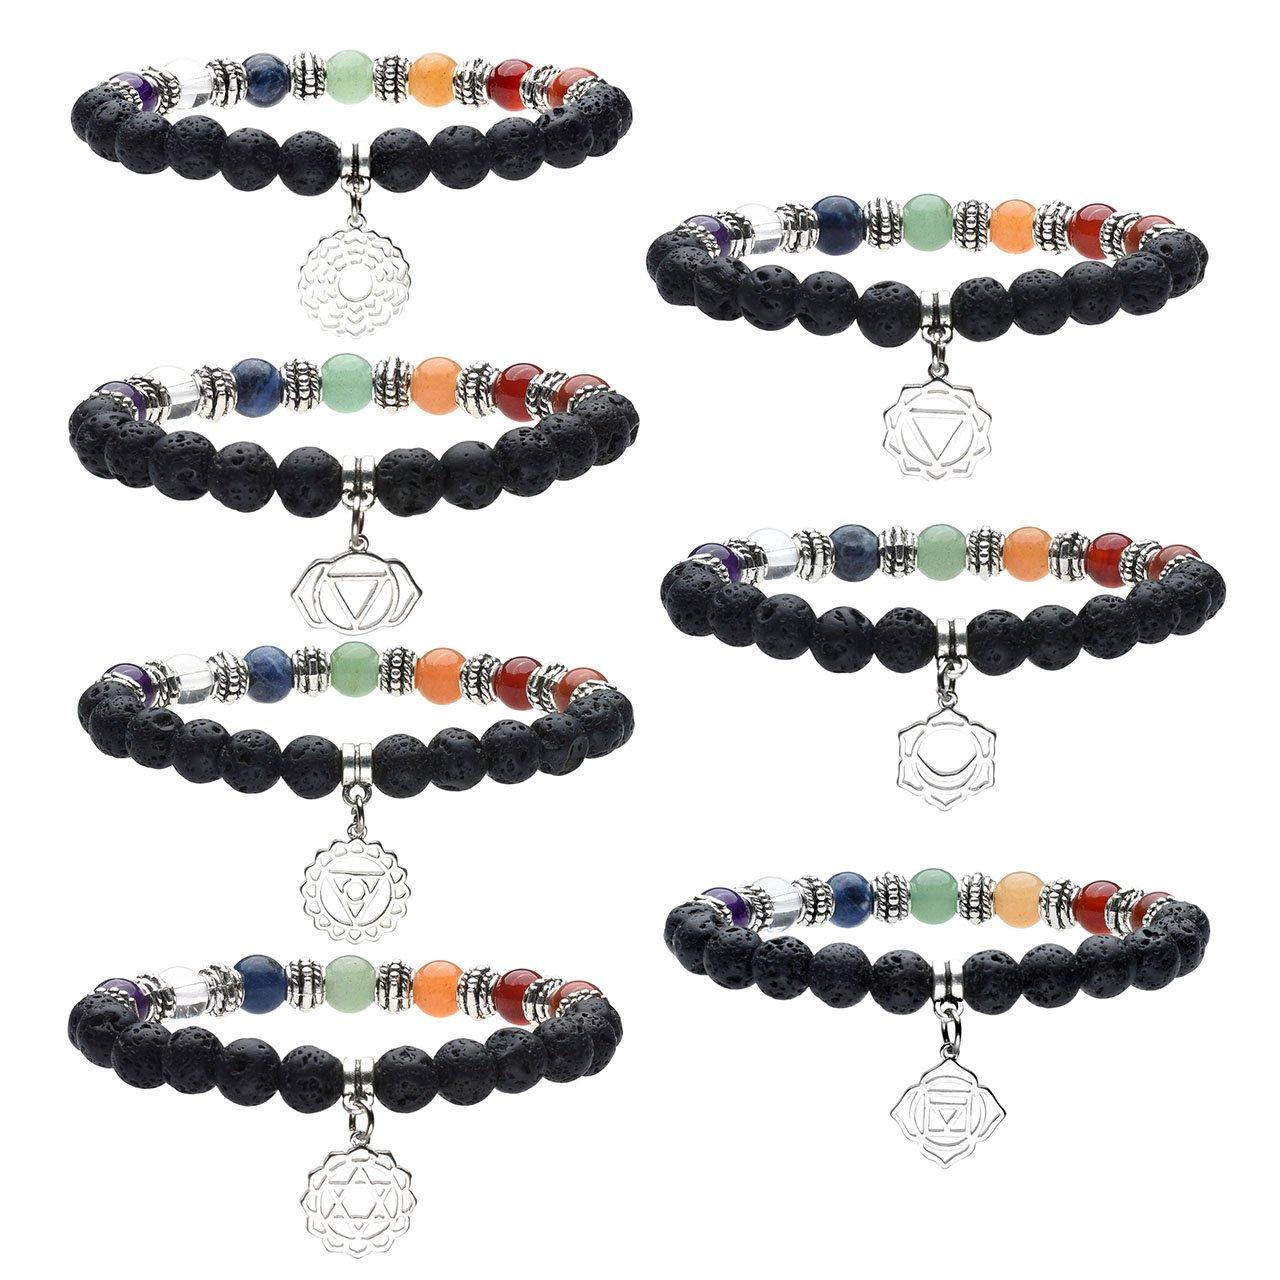 Jovivi 8mm-7 Chakra Pierres Naturelles Laves Perles d\'Energie Bracelet Extensible Elastique Tibétain Bouddhiste avec Pendentif - Set